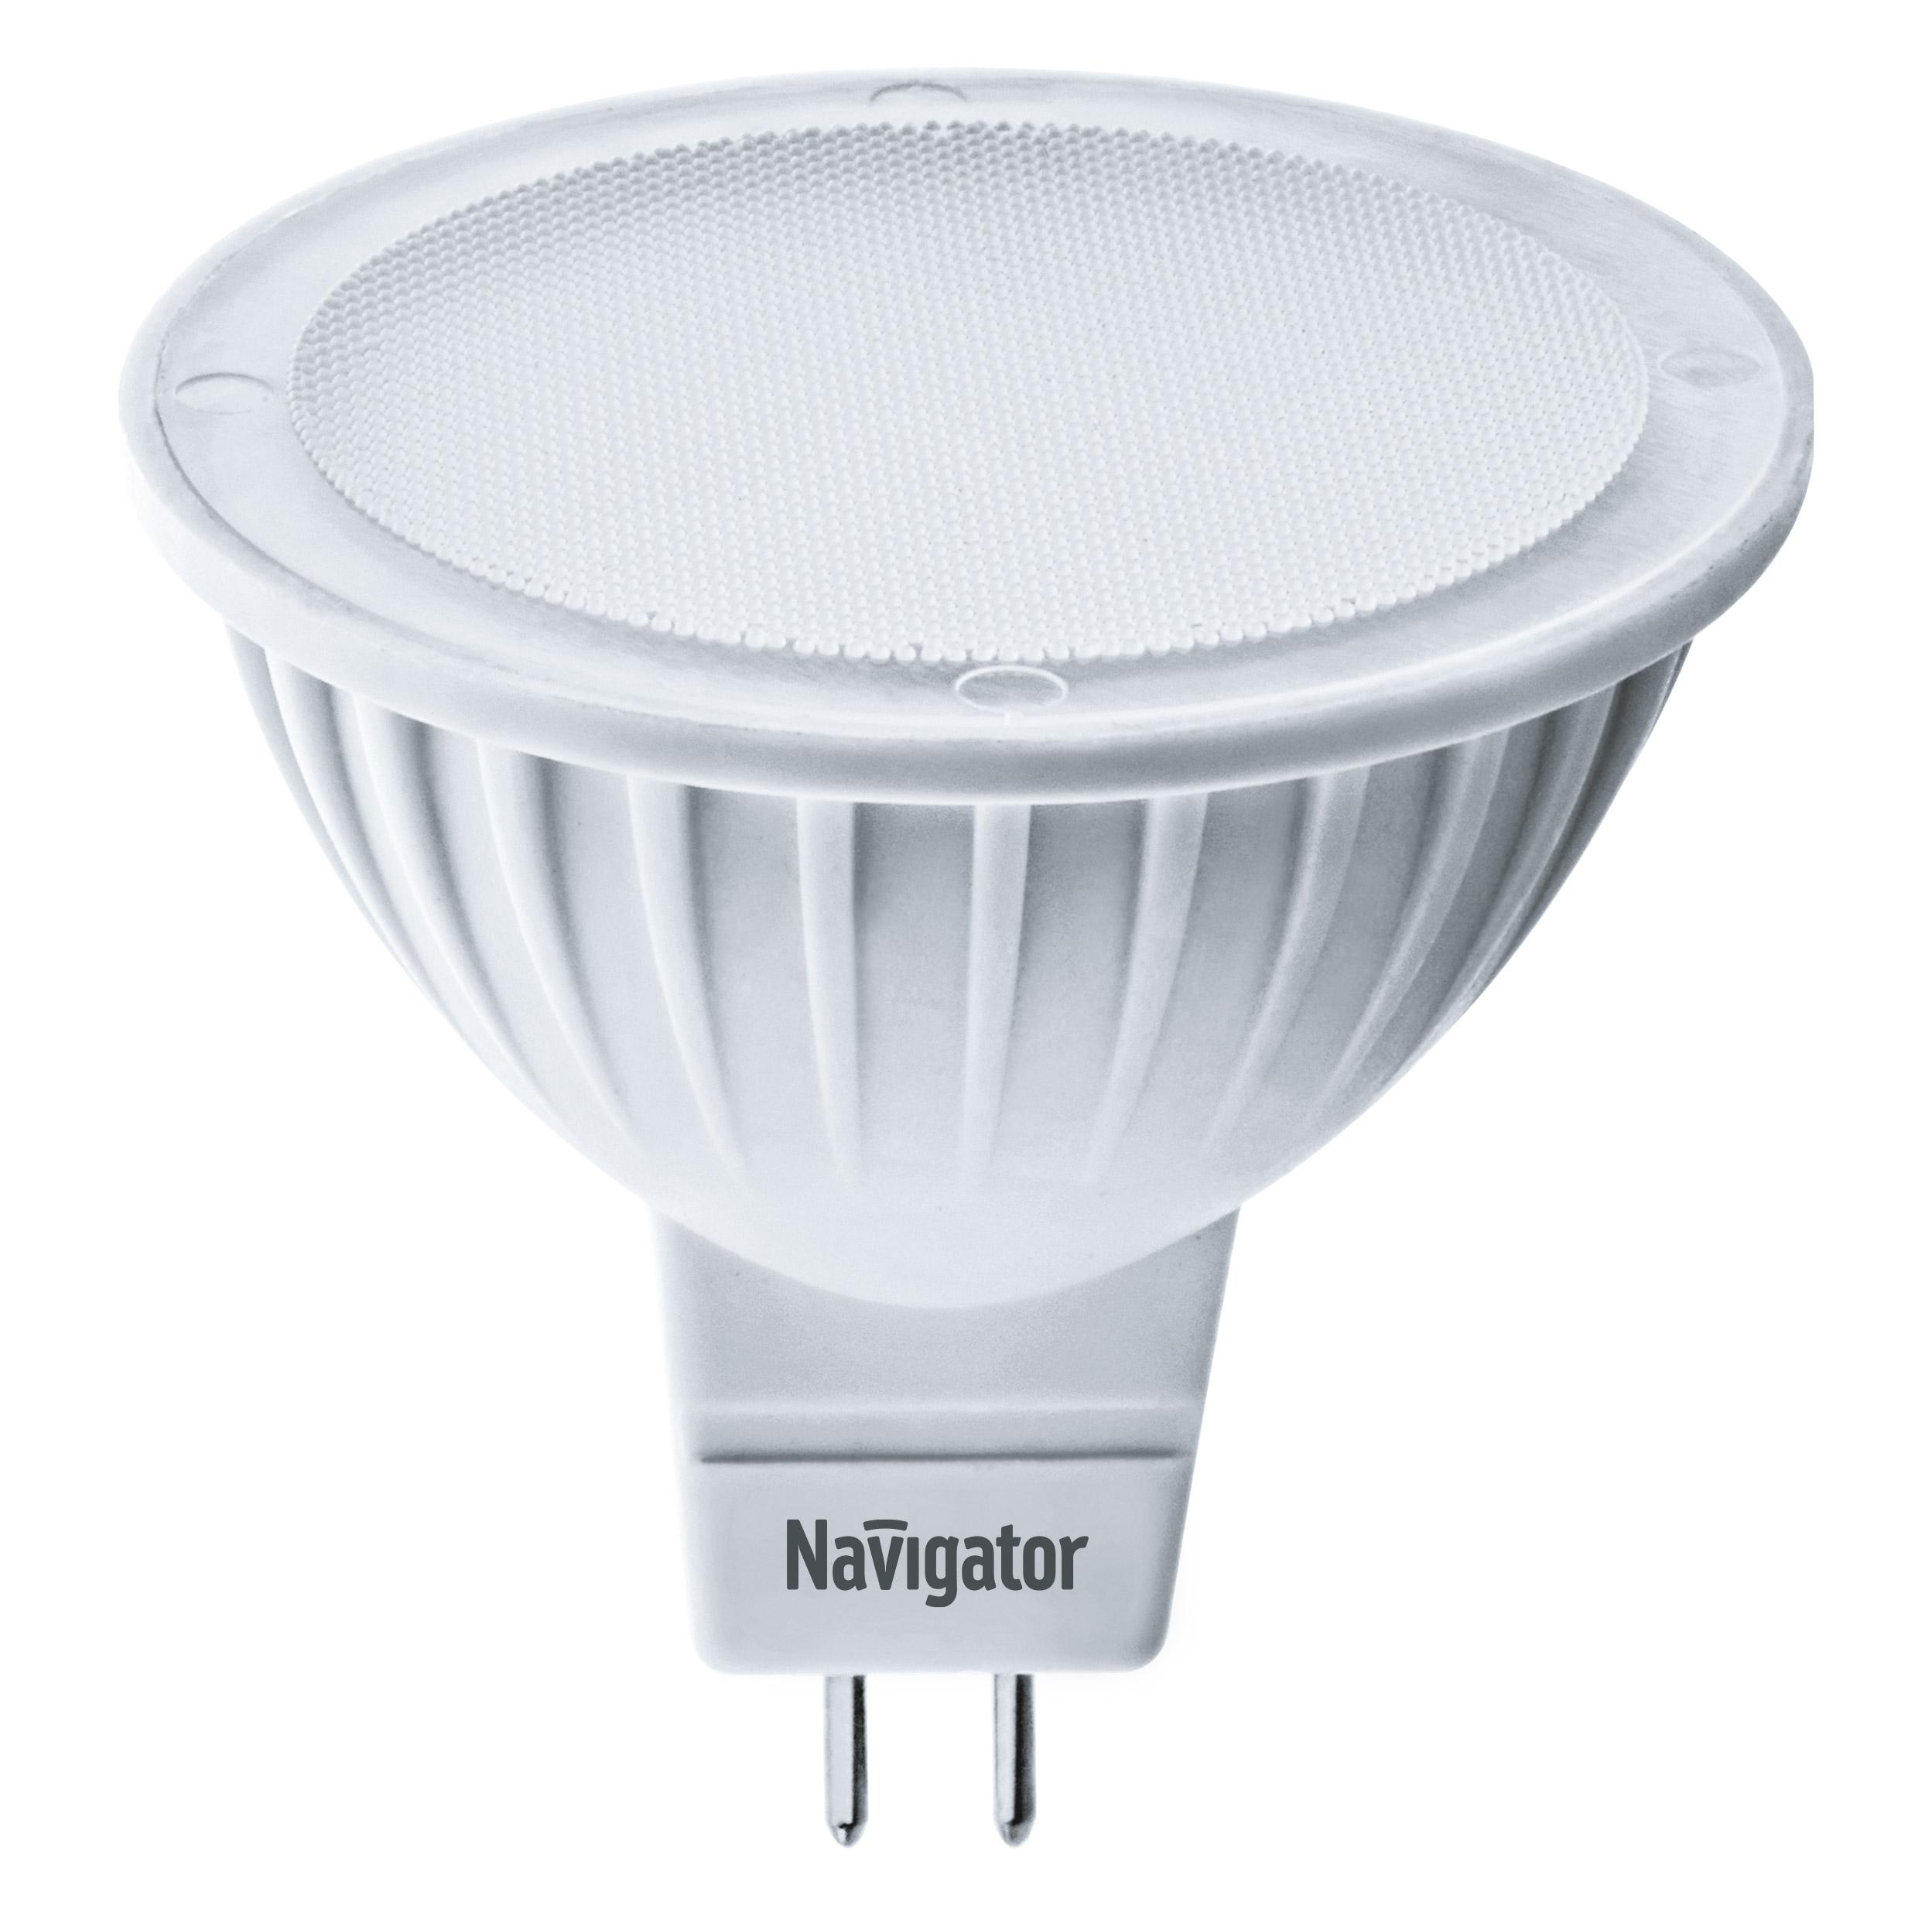 Лампа светодиодная Navigator MR16 3Вт 230В цоколь GU5.3 (теплый свет)